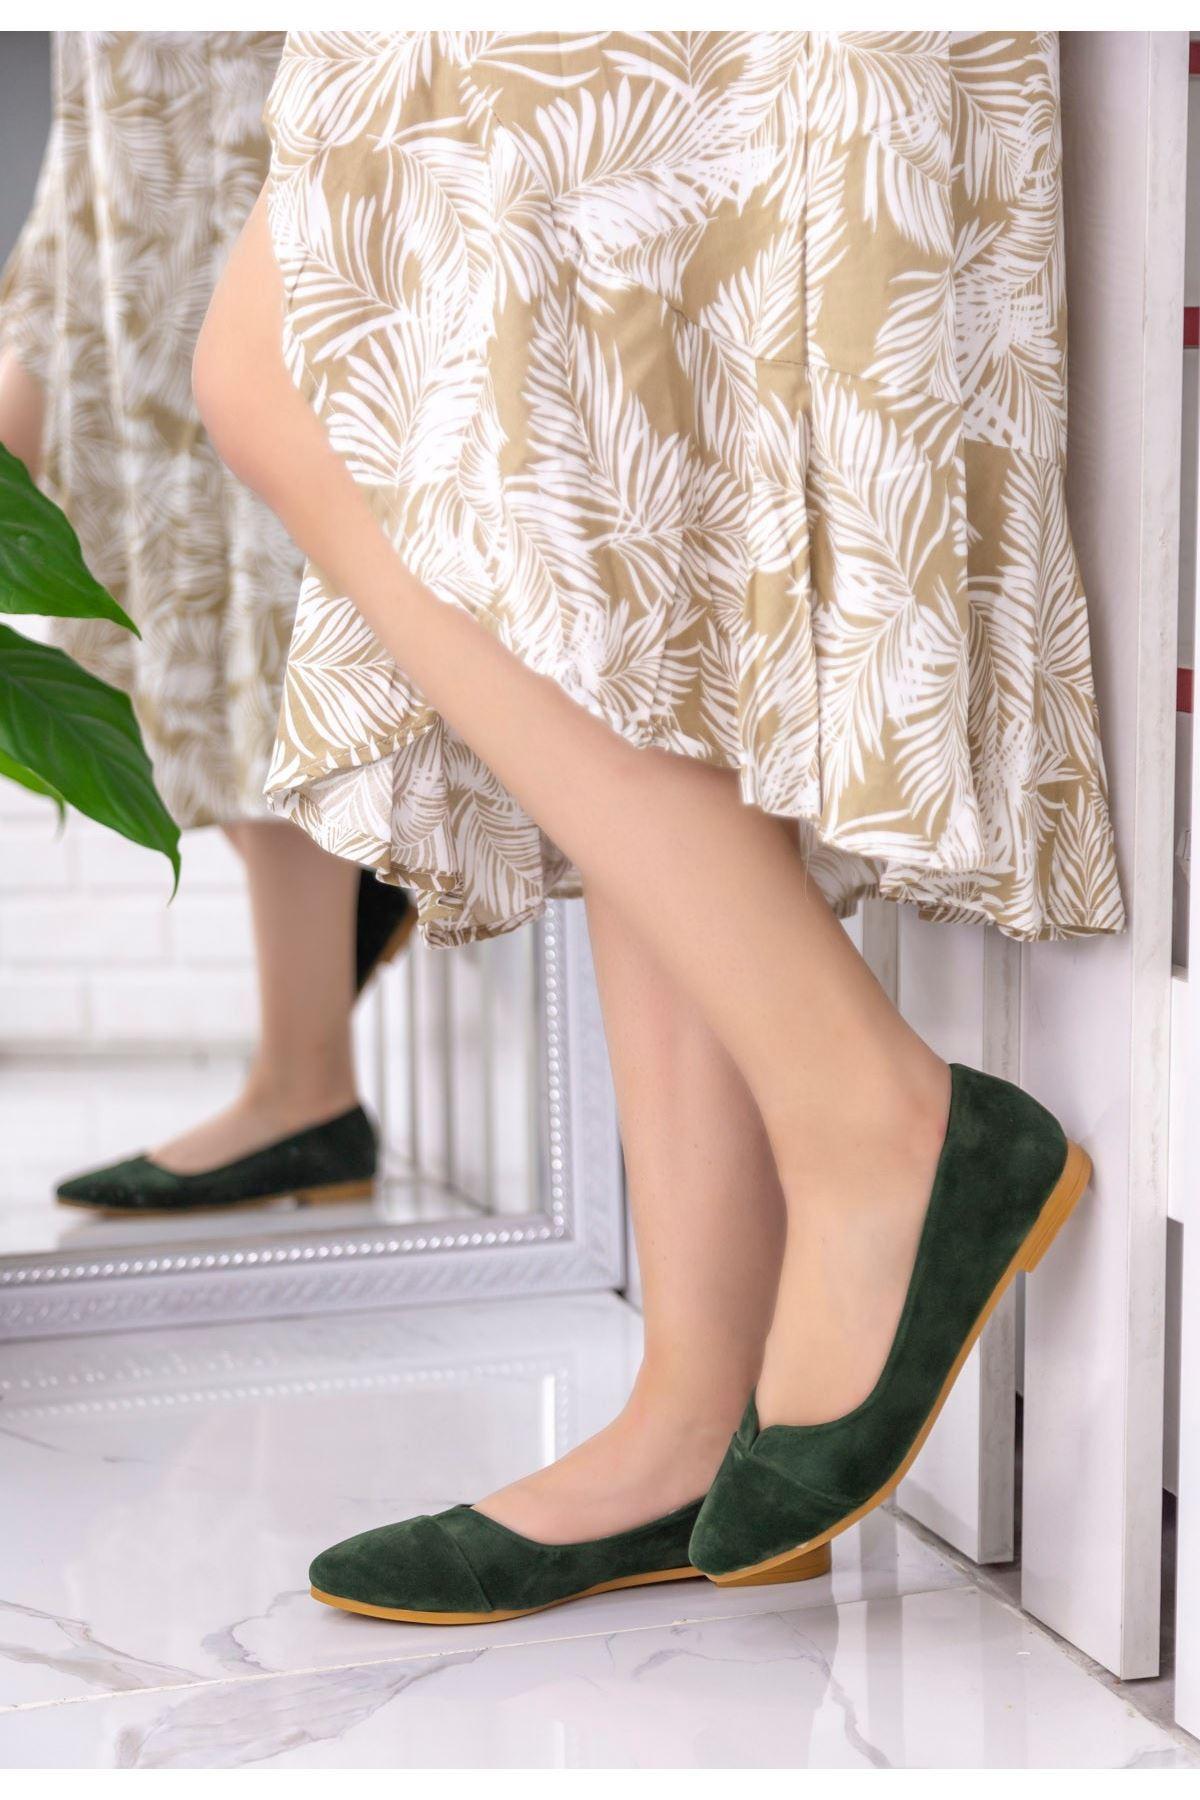 Yasmin Haki Yeşil Süet Babet